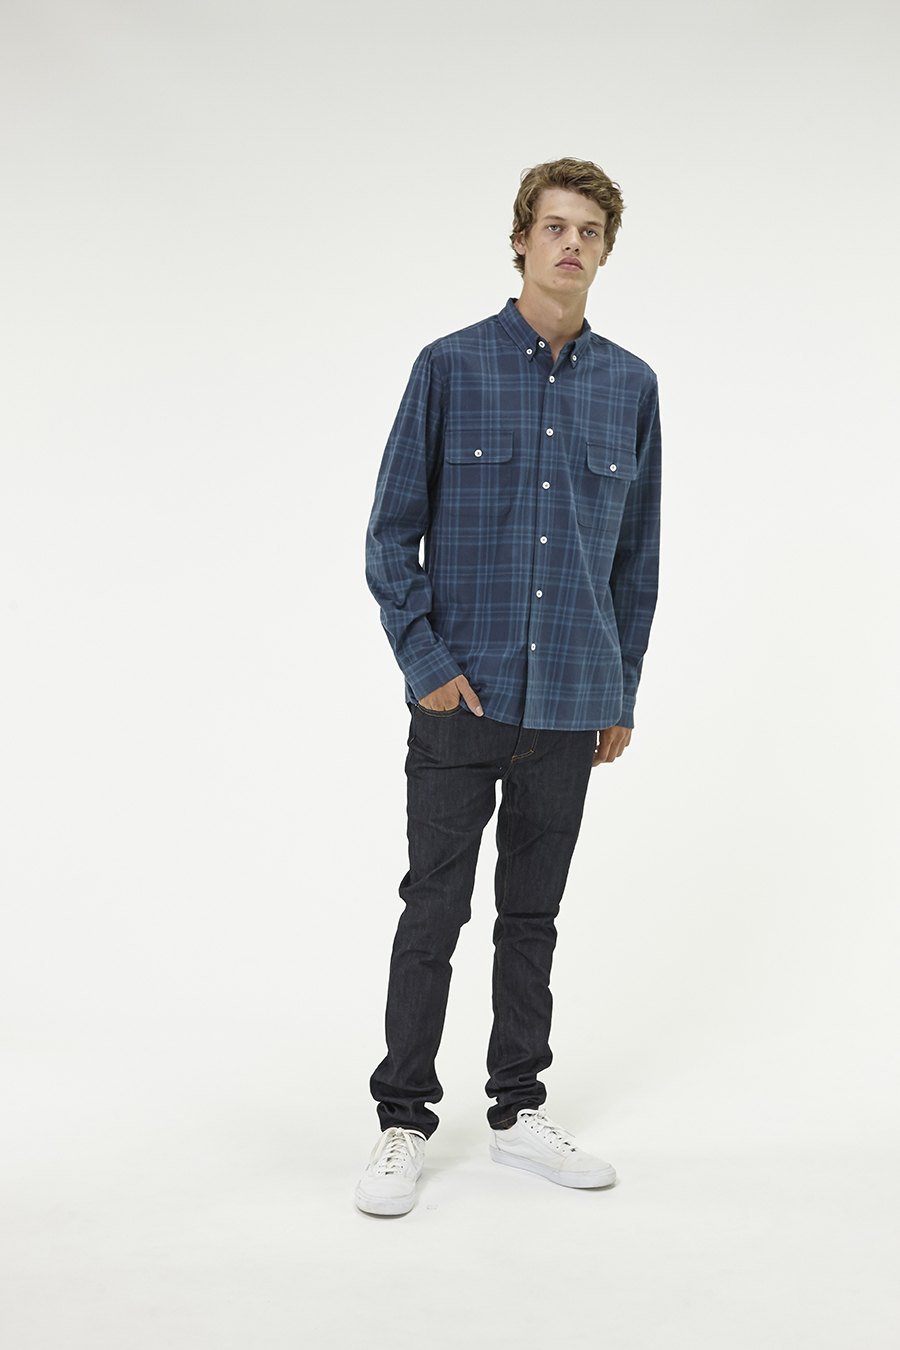 Huffer_Q3-16_M-Lennon-Shirt_Navy-04